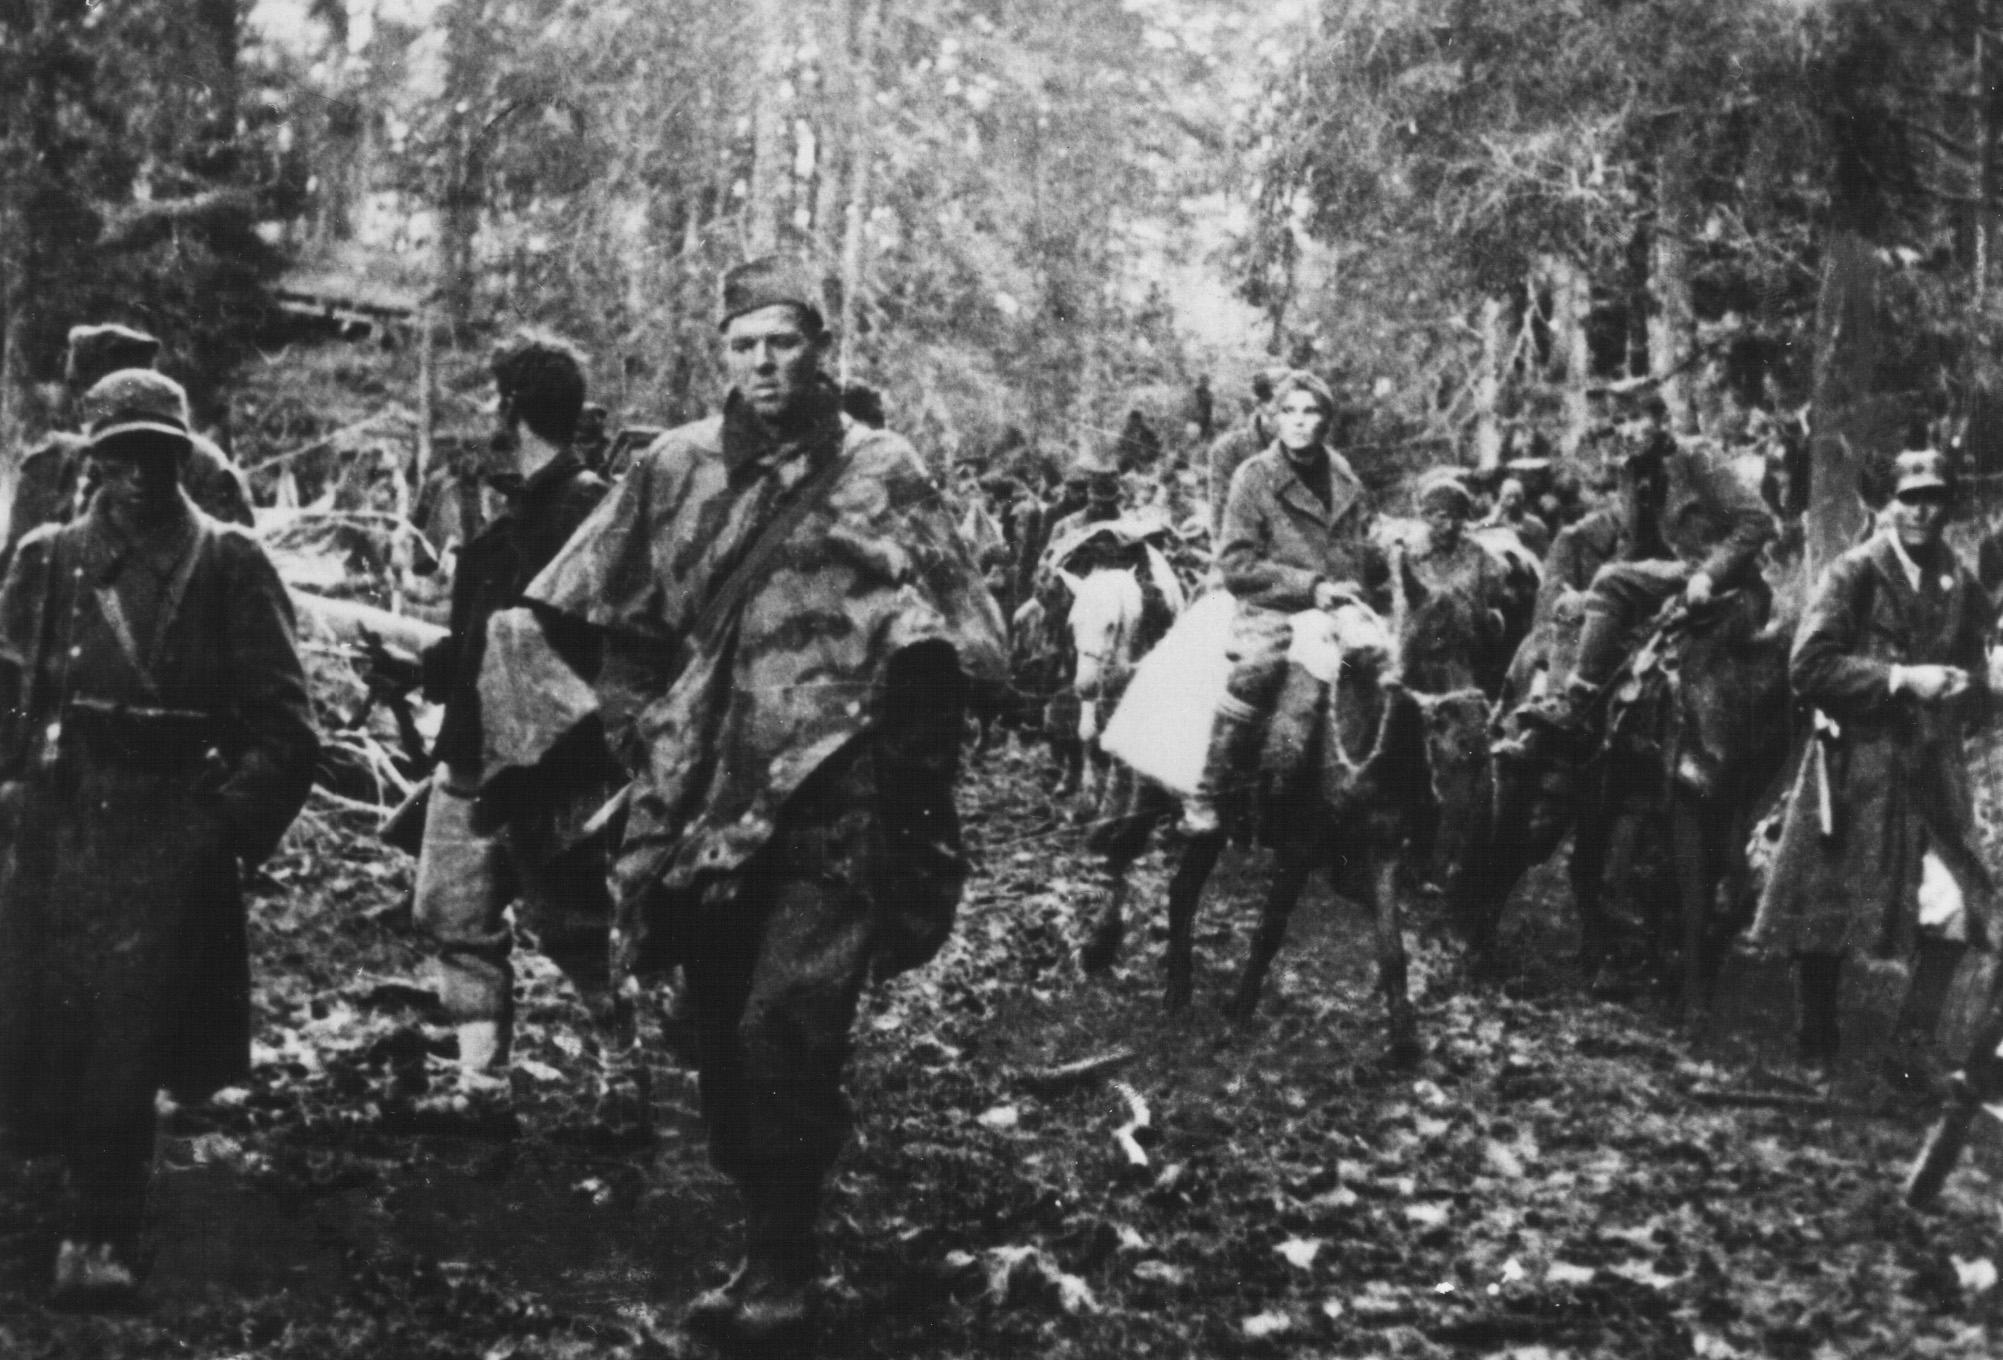 Kuvahaun tulos haulle Battle of the Sutjeska.